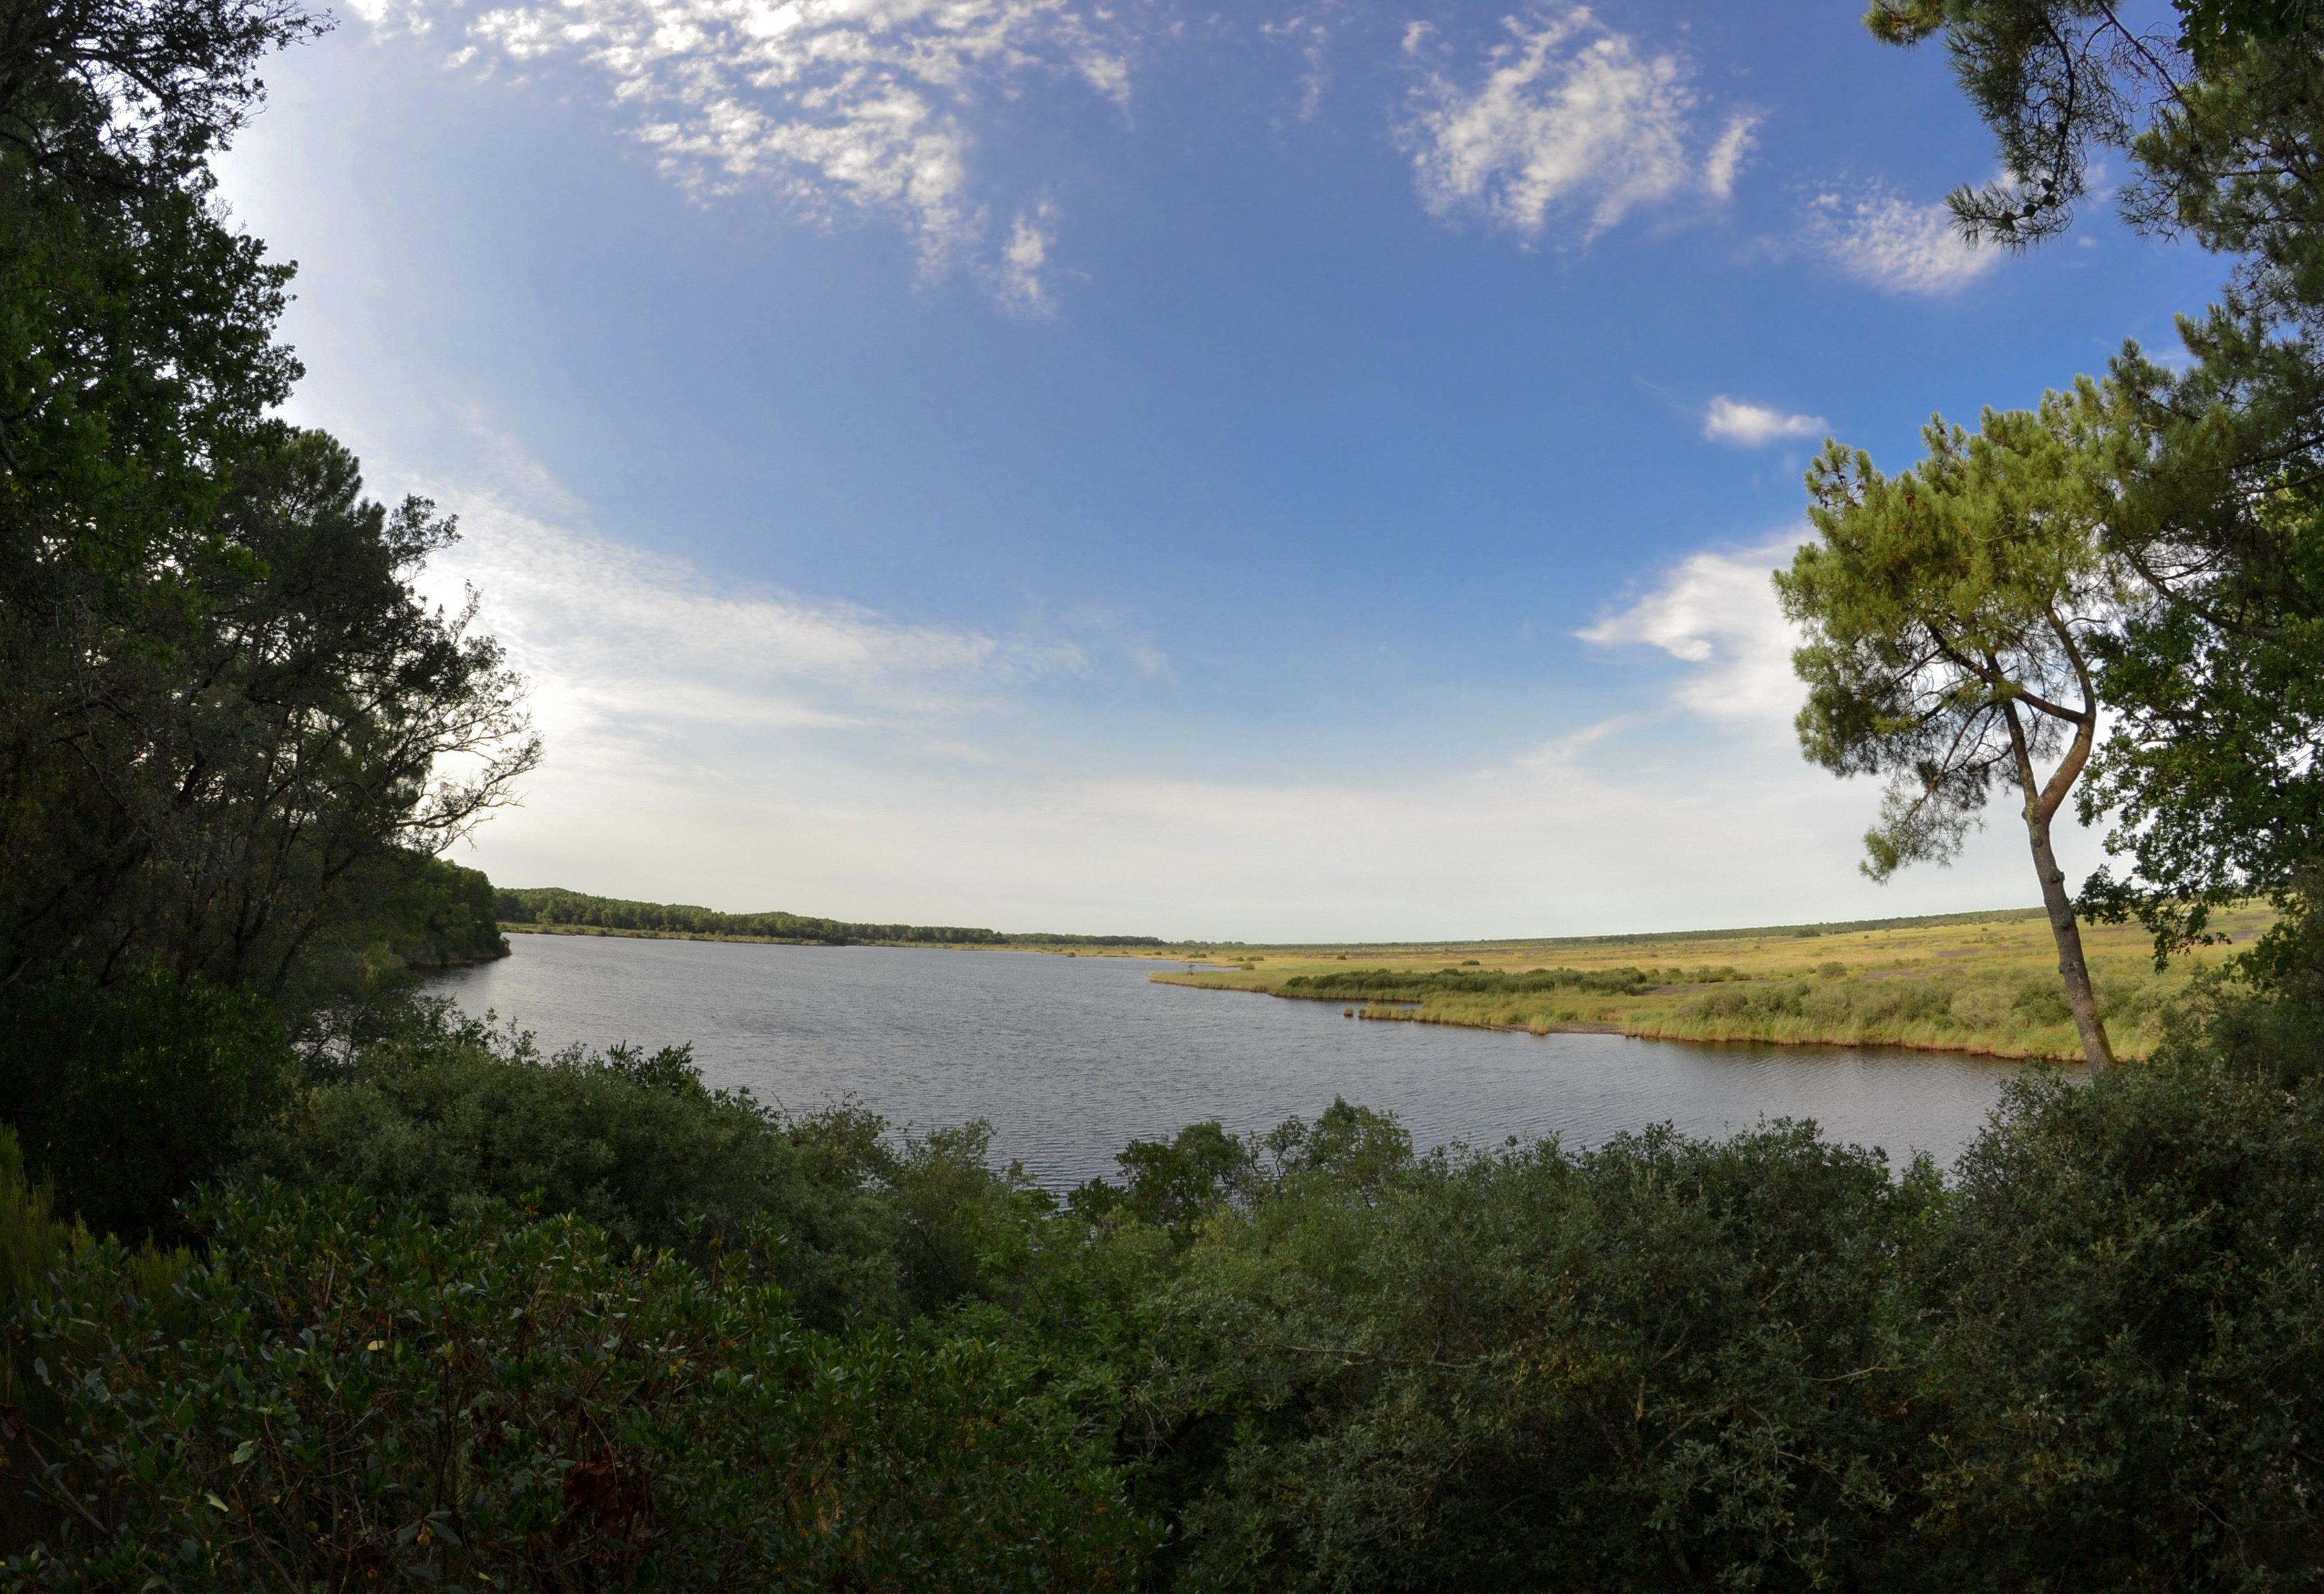 etang-de-cousseau-reserve-naturelle-etang-de-cousseau-randonnee-pins-nature-balade-carcans-lacanau-foret-vacances-les-ptits-touristes-blog-voyage